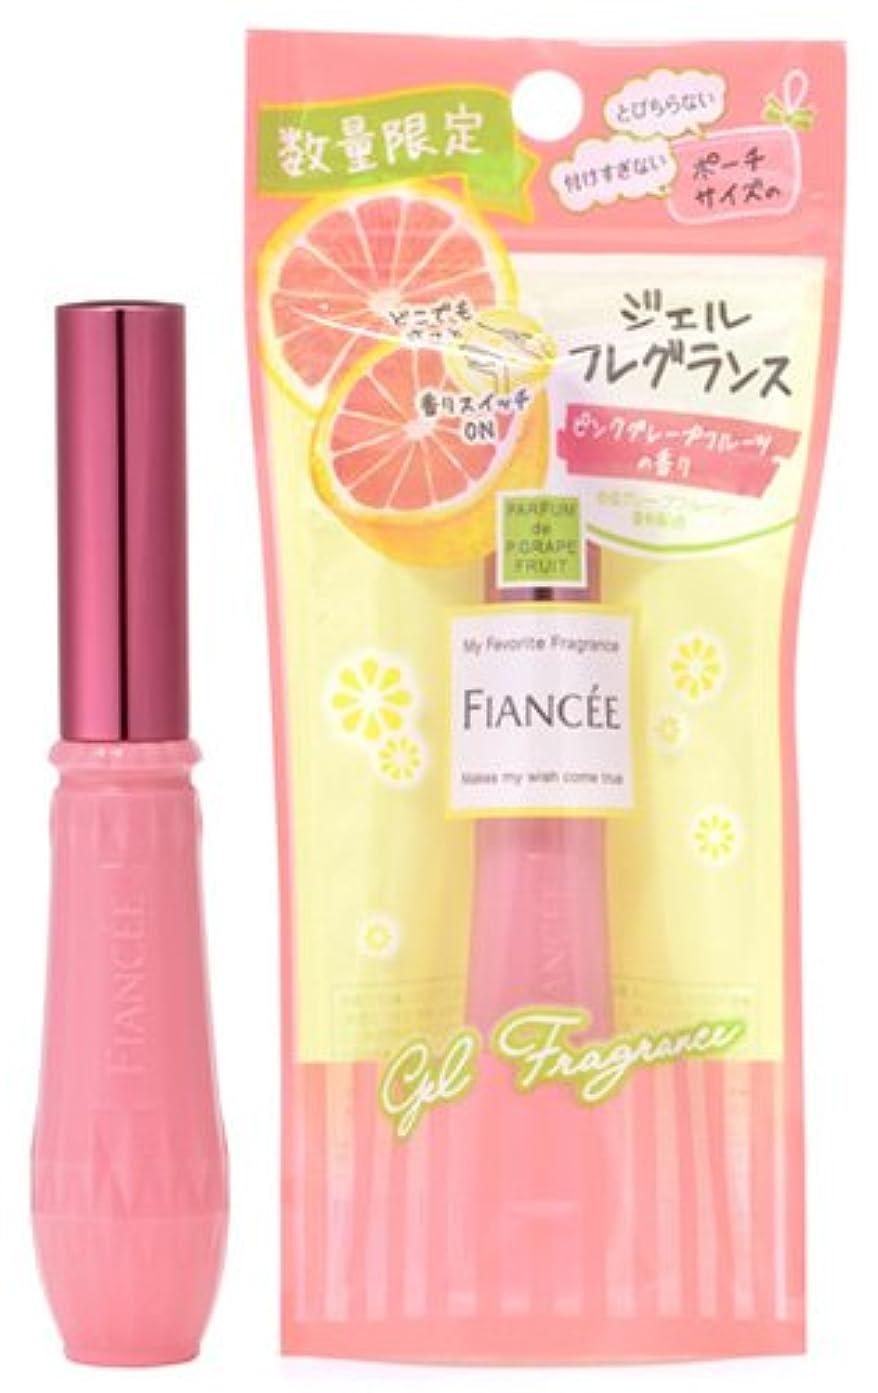 不屈賞賛虎フィアンセ ジェルフレグランス ピンクグレープフルーツの香り